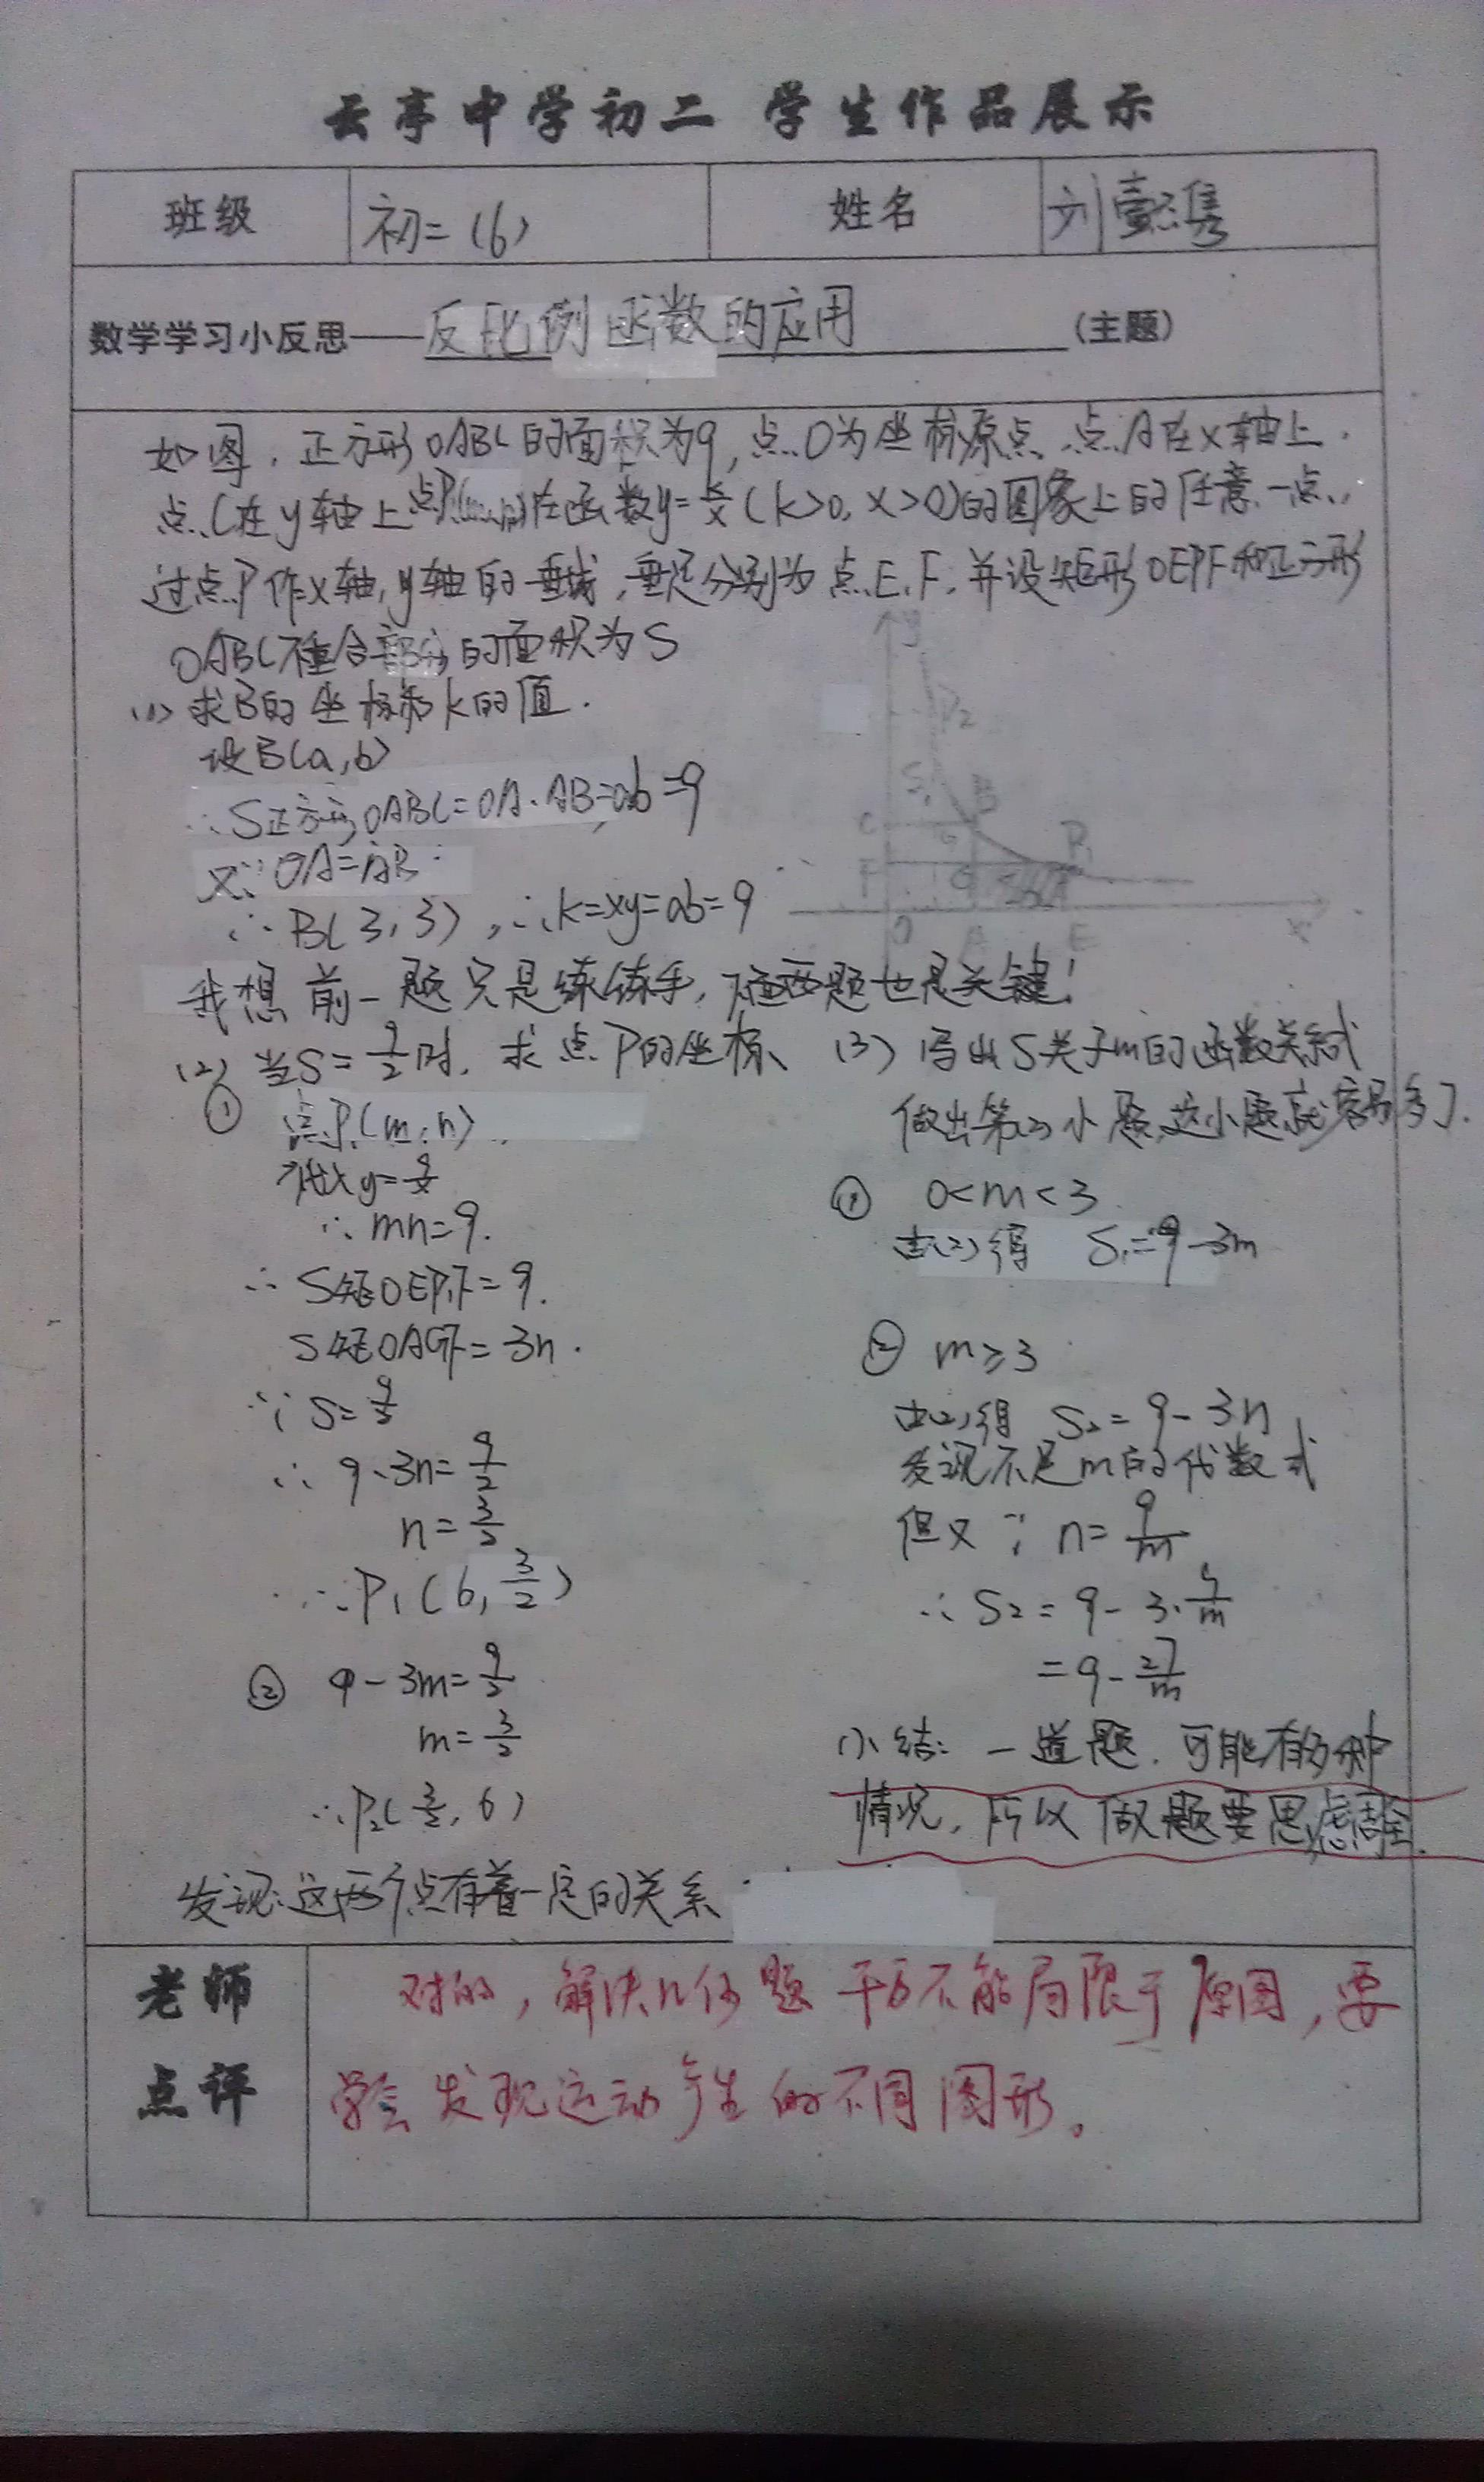 数学王国手抄报初中,初中数学节节徽